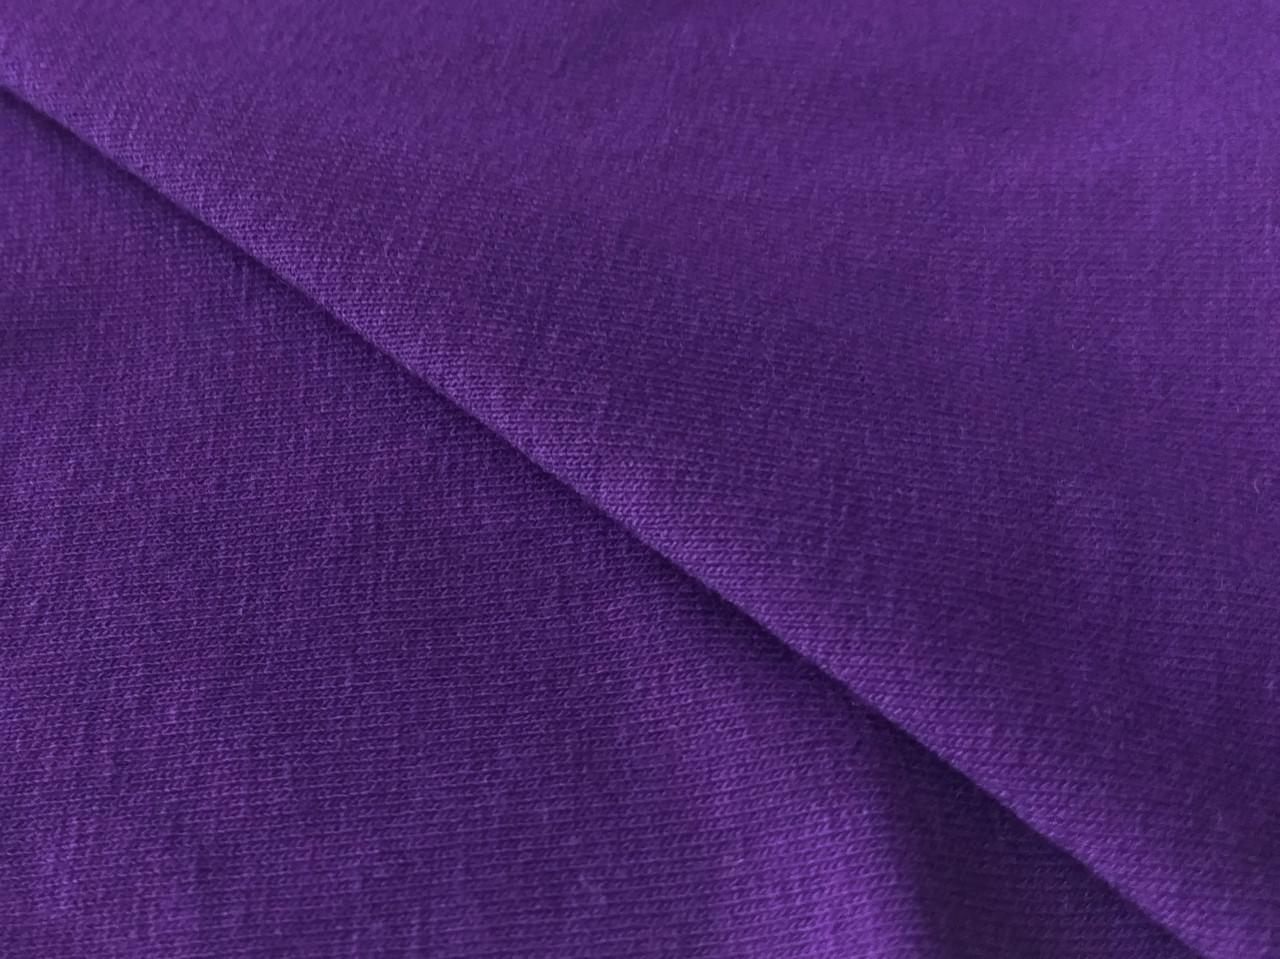 Вискозный трикотаж джерси, фиолетовый